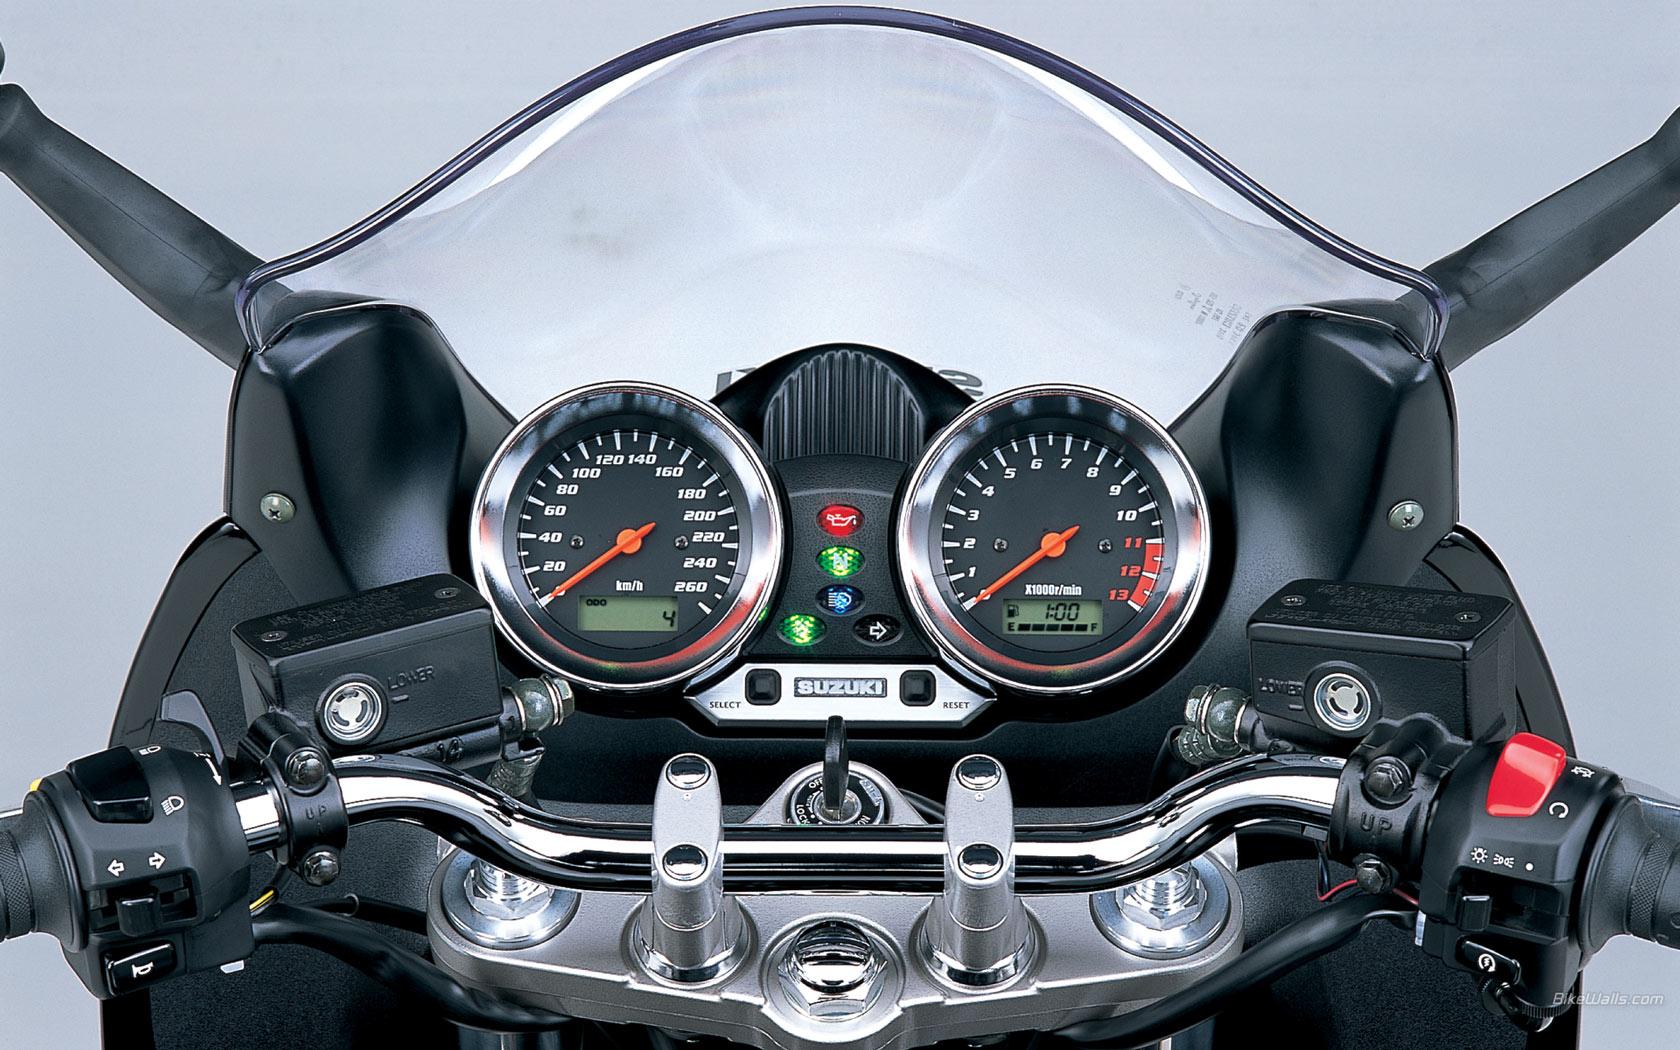 Suzuki Bandit 1200S zegary/liczniki